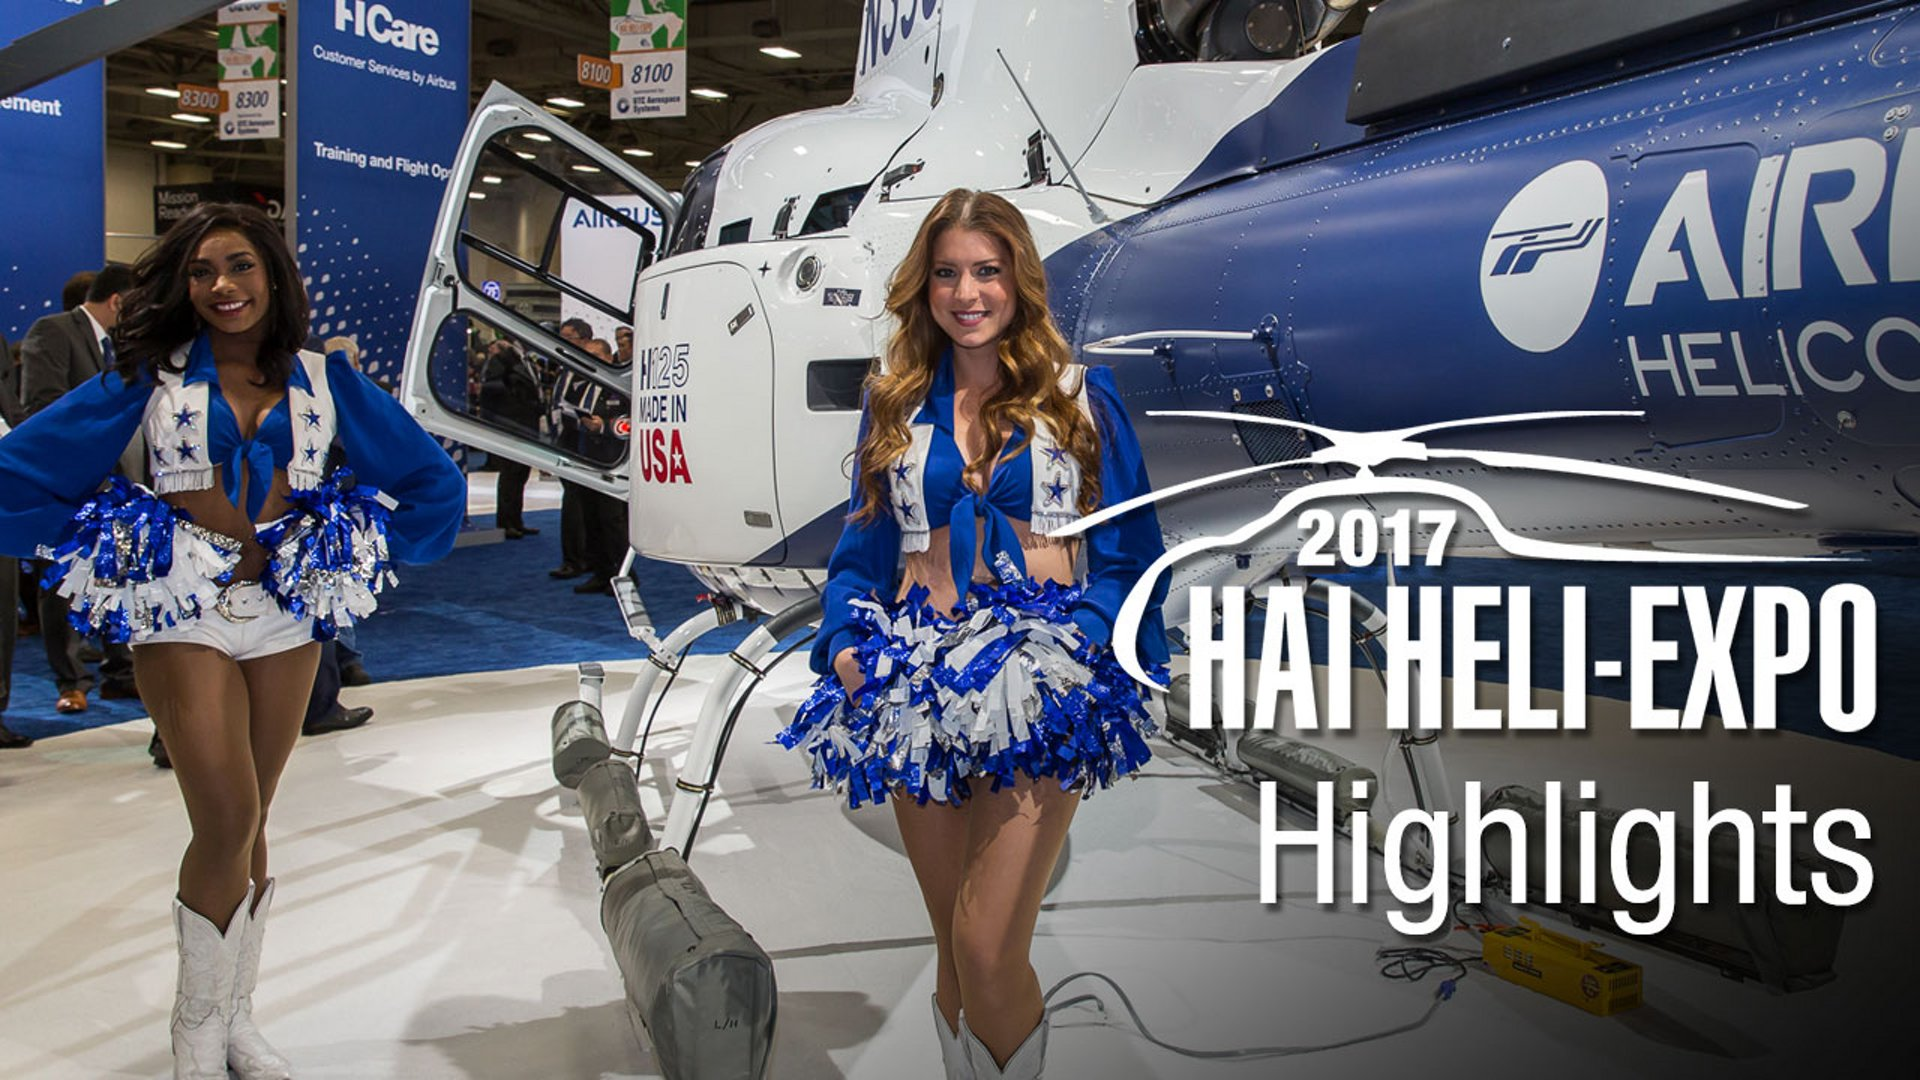 HAI 2017 Highlights 001